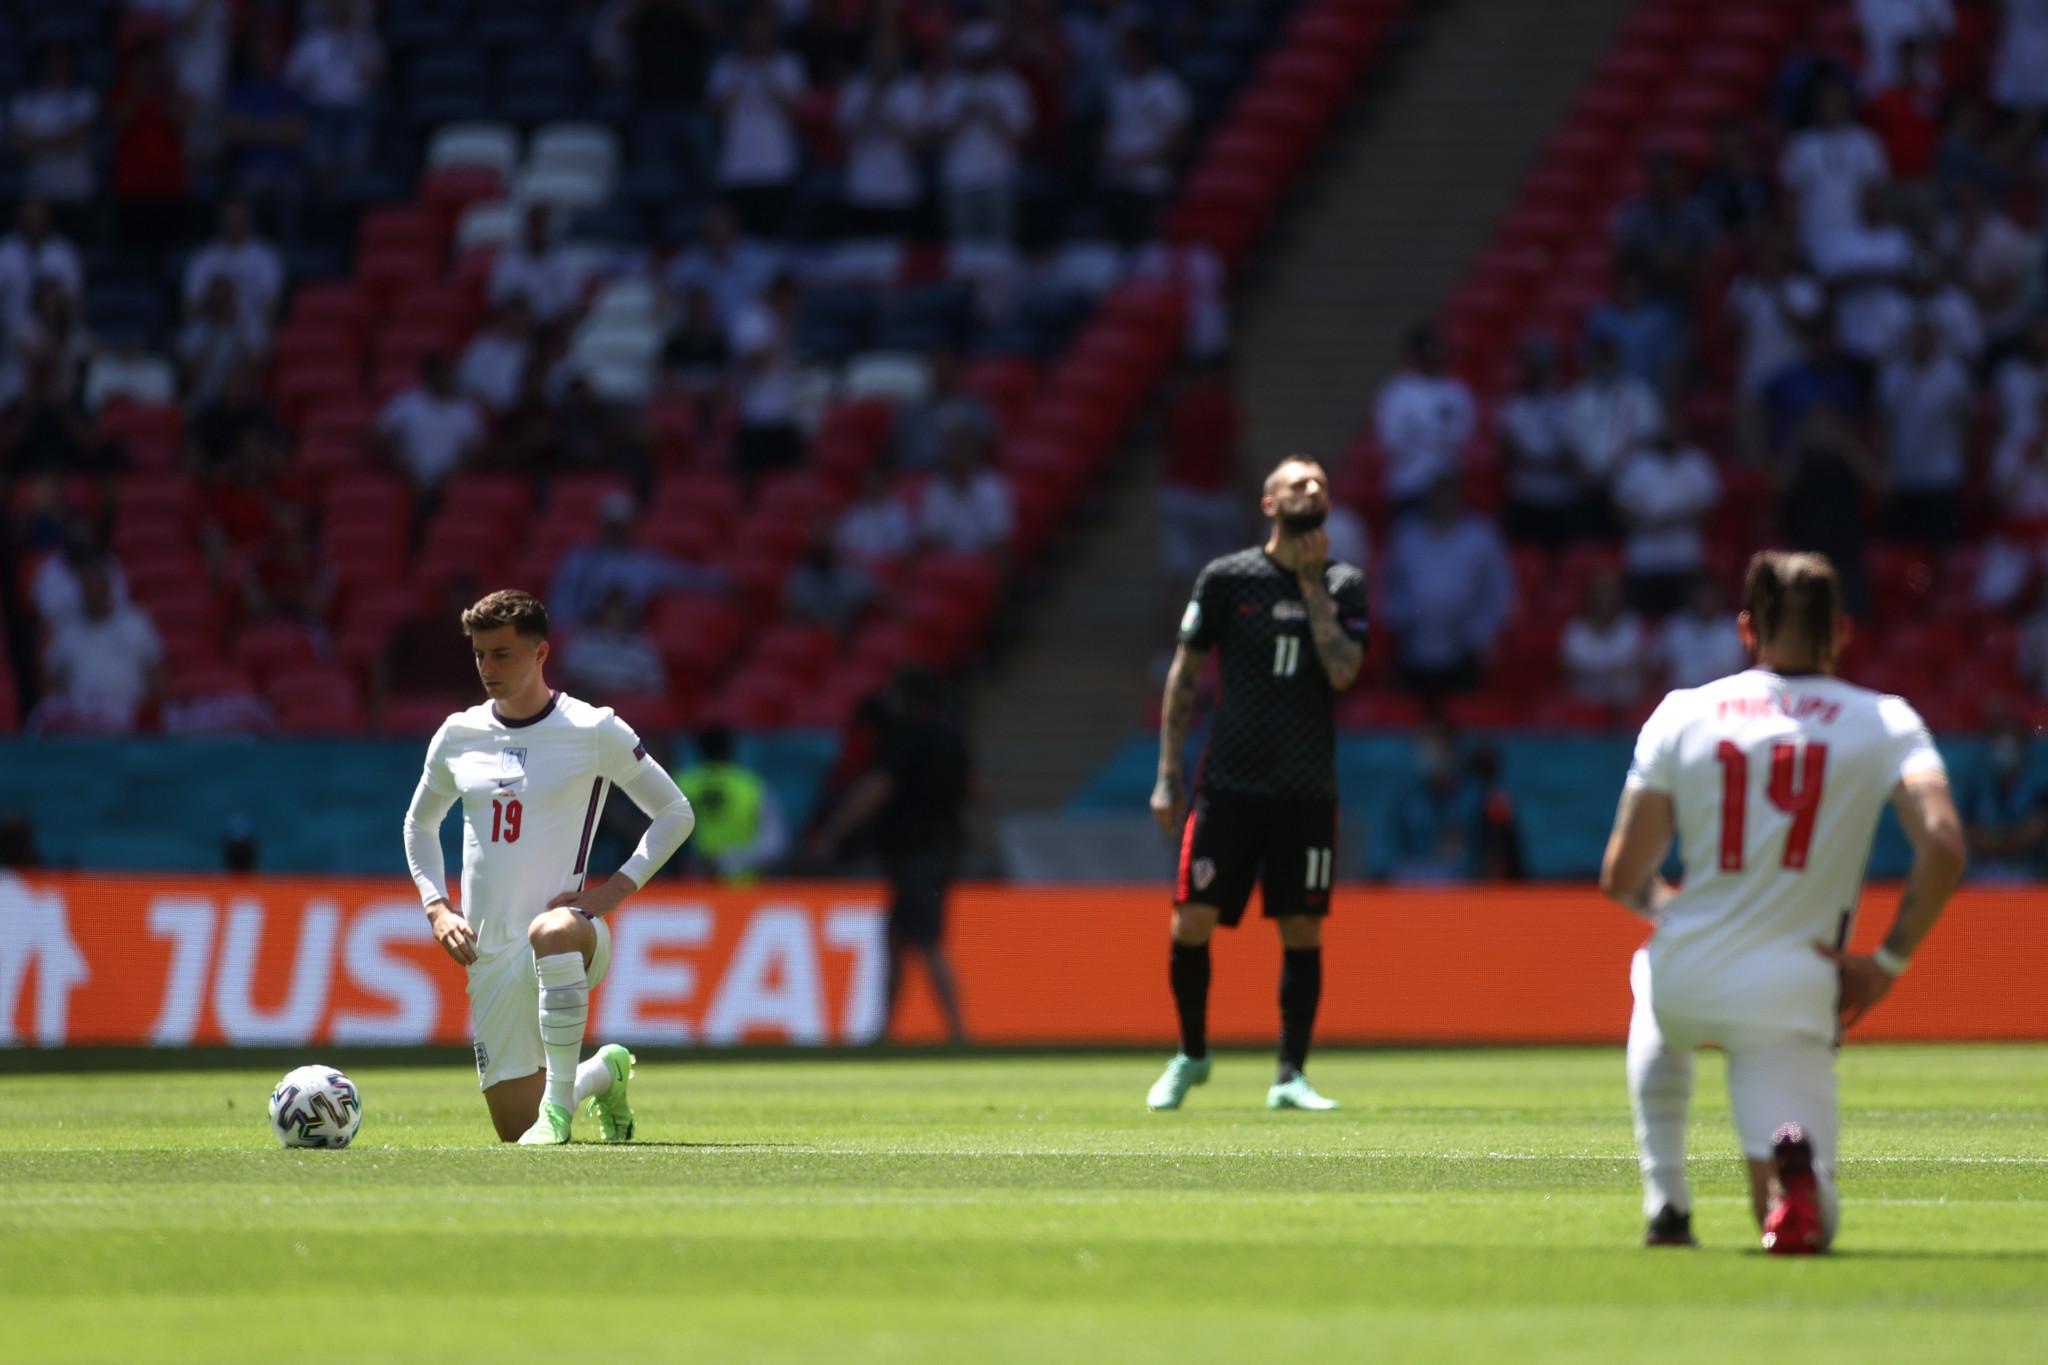 Η Αγγλία έχει μια νέα και ταλαντούχα ομάδα παικτών που μπορούν να εκφραστούν εντός και εκτός γηπέδου.  © Getty Images